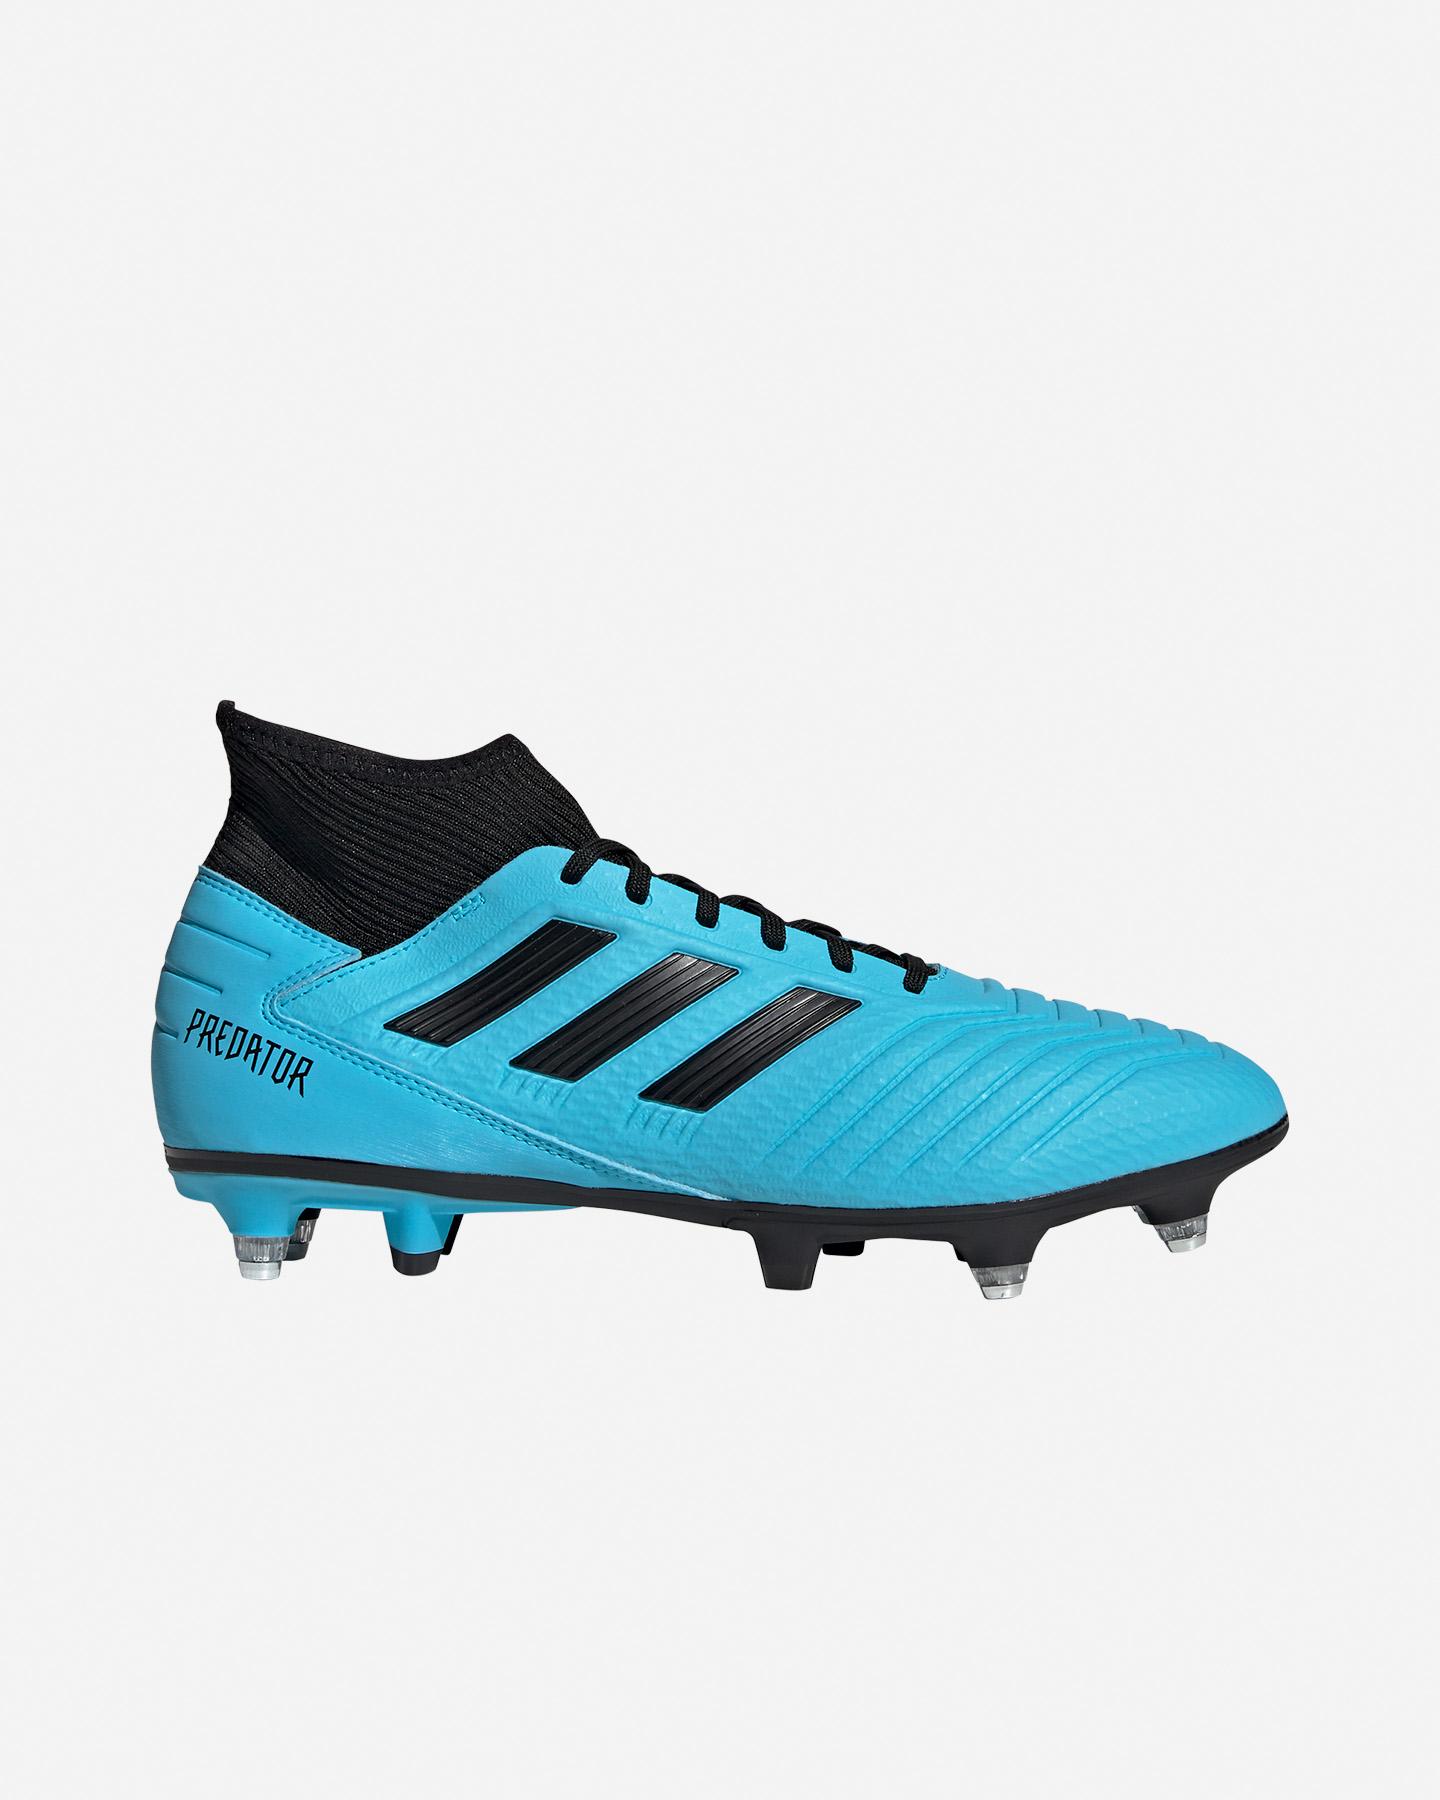 adidas Scarpe Calcio Adidas Predator 19.1 Fg Archetic Pack Taglia: 42 Colore: Nero